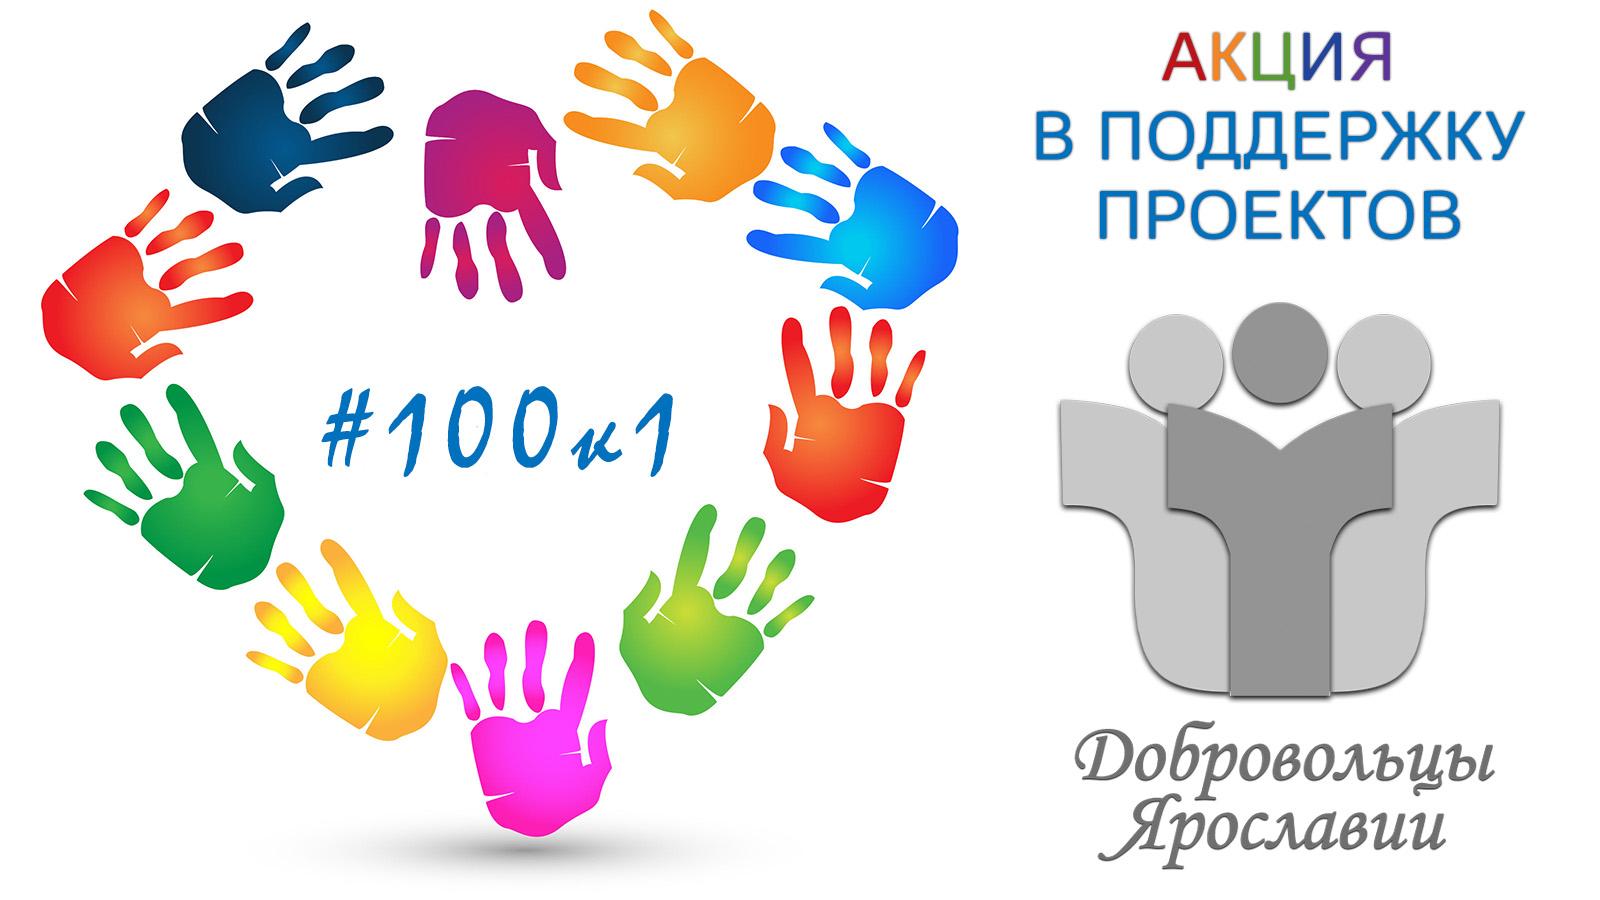 Акция 100к1